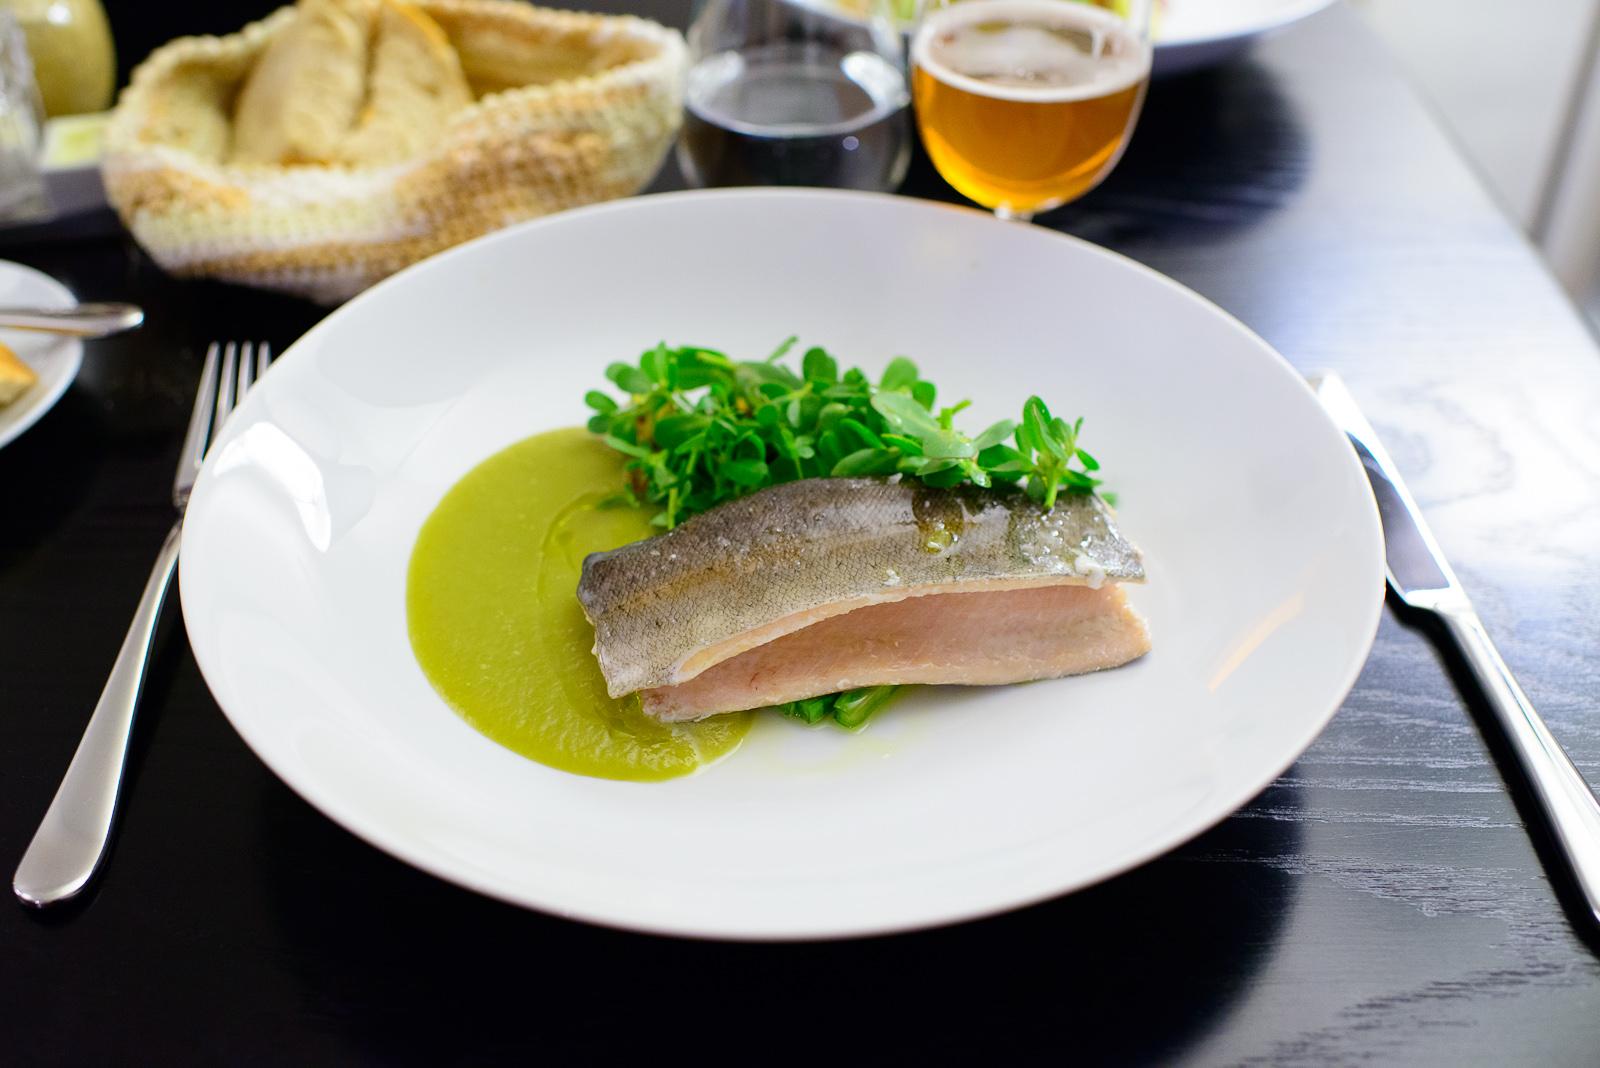 Trucha con verdolagas y caldillo de miltomate (Trout with pursla